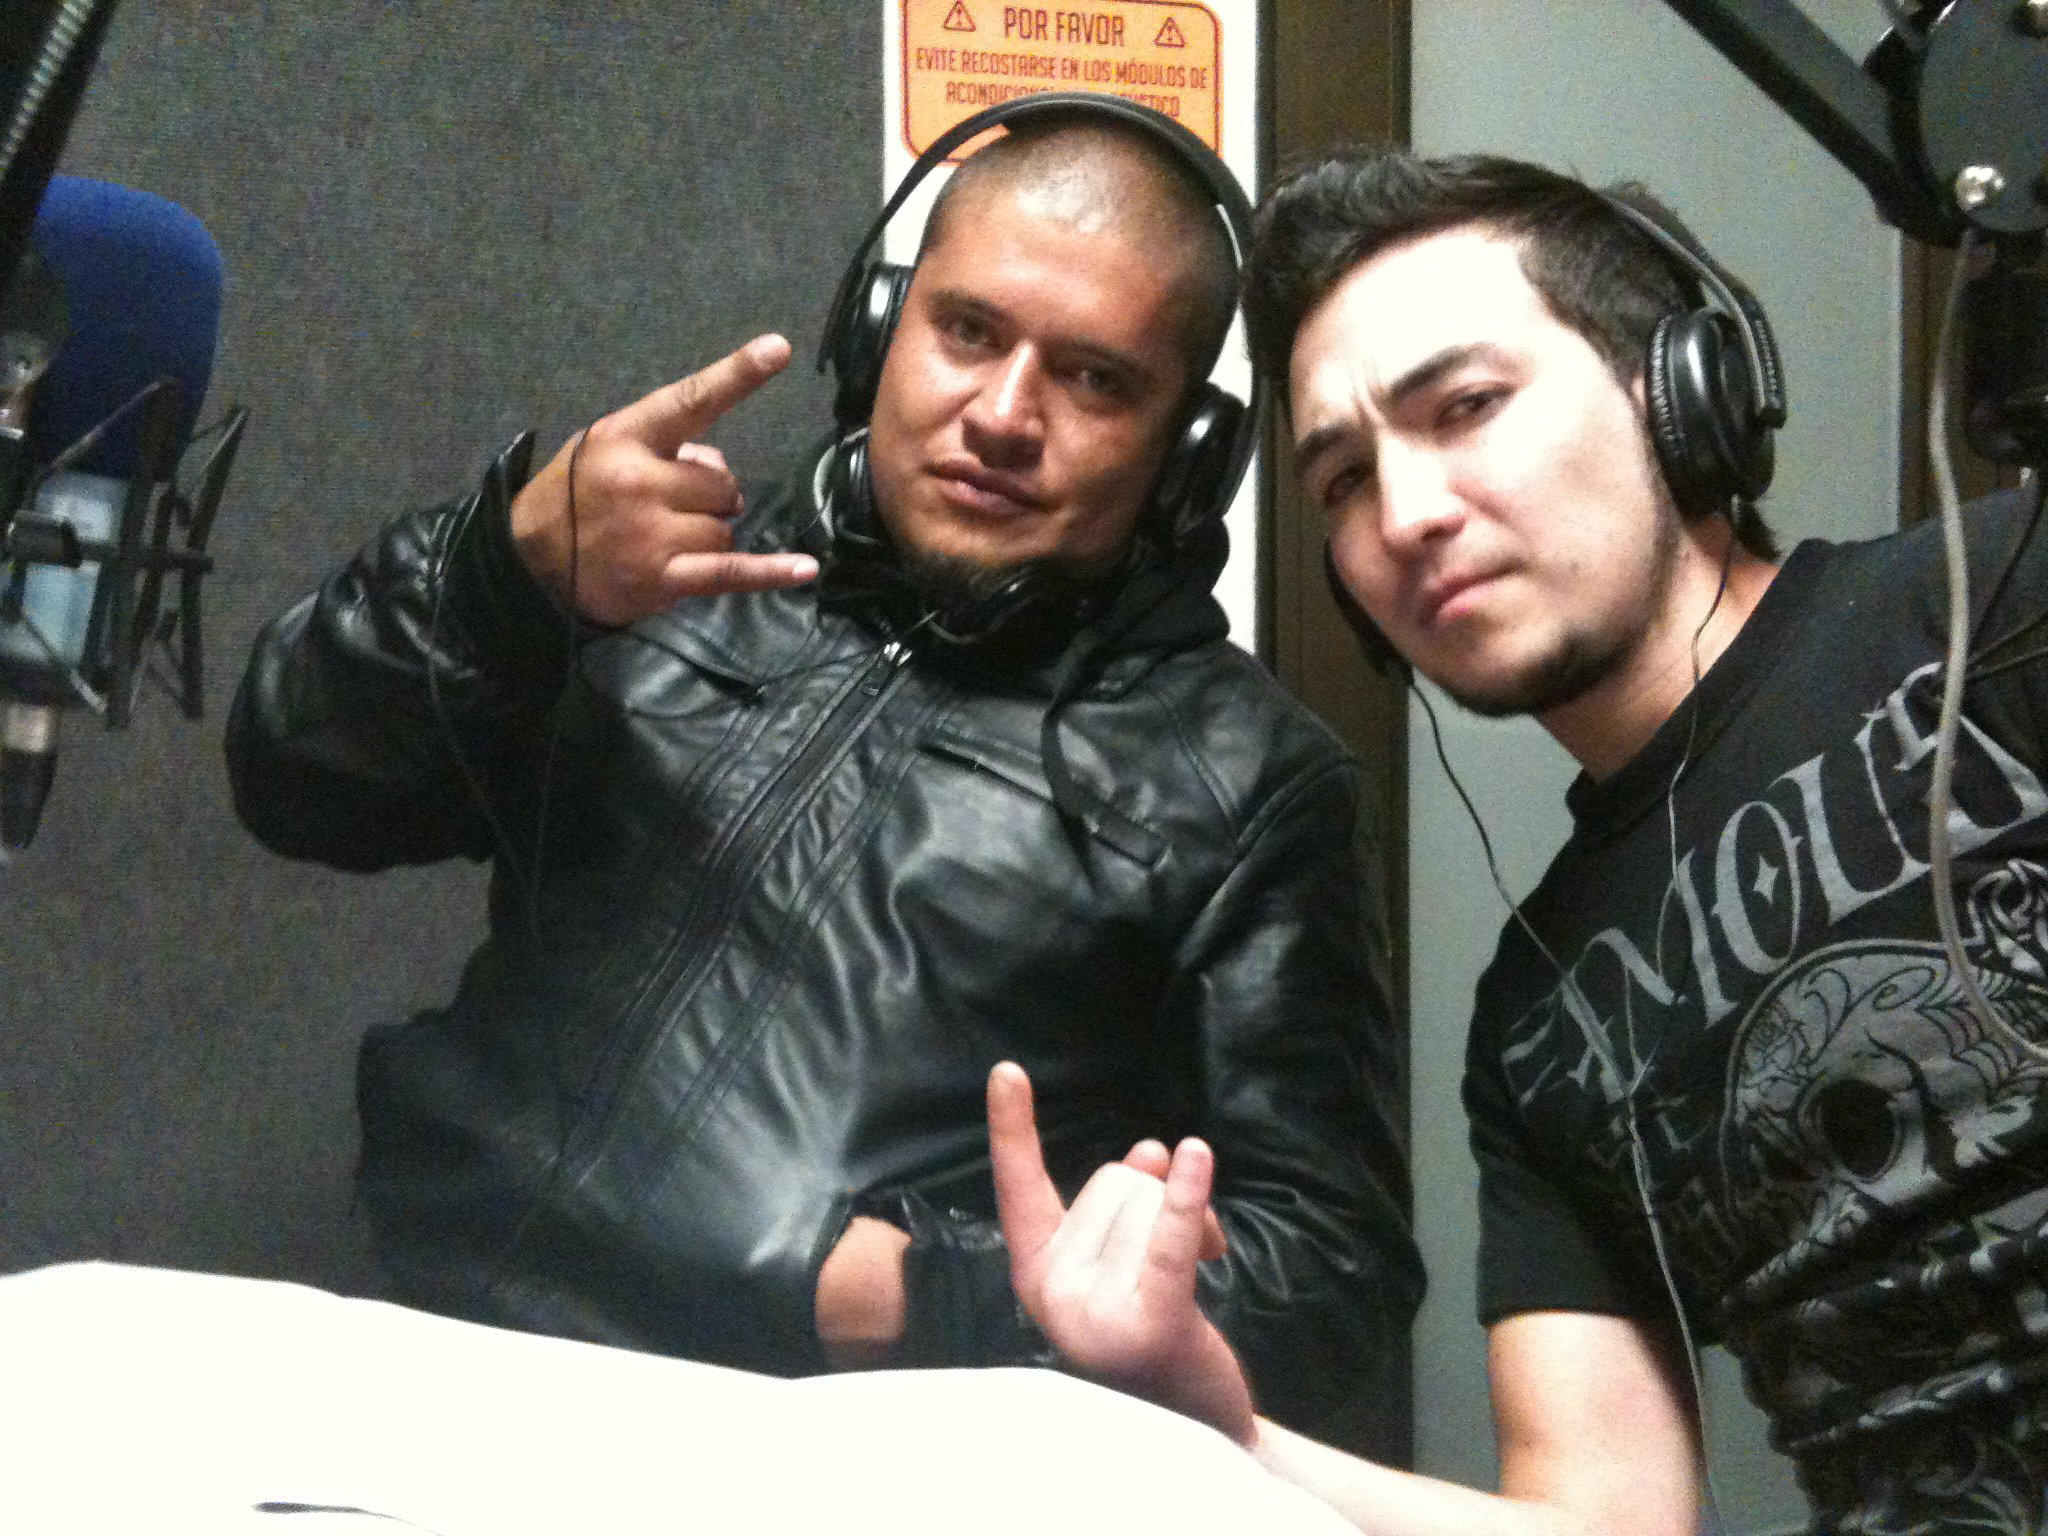 Entrevista con SURVIVING IN A WORLD. Especial de Pantera y Sepultura / EL MARTILLO (Segunda Temporada)